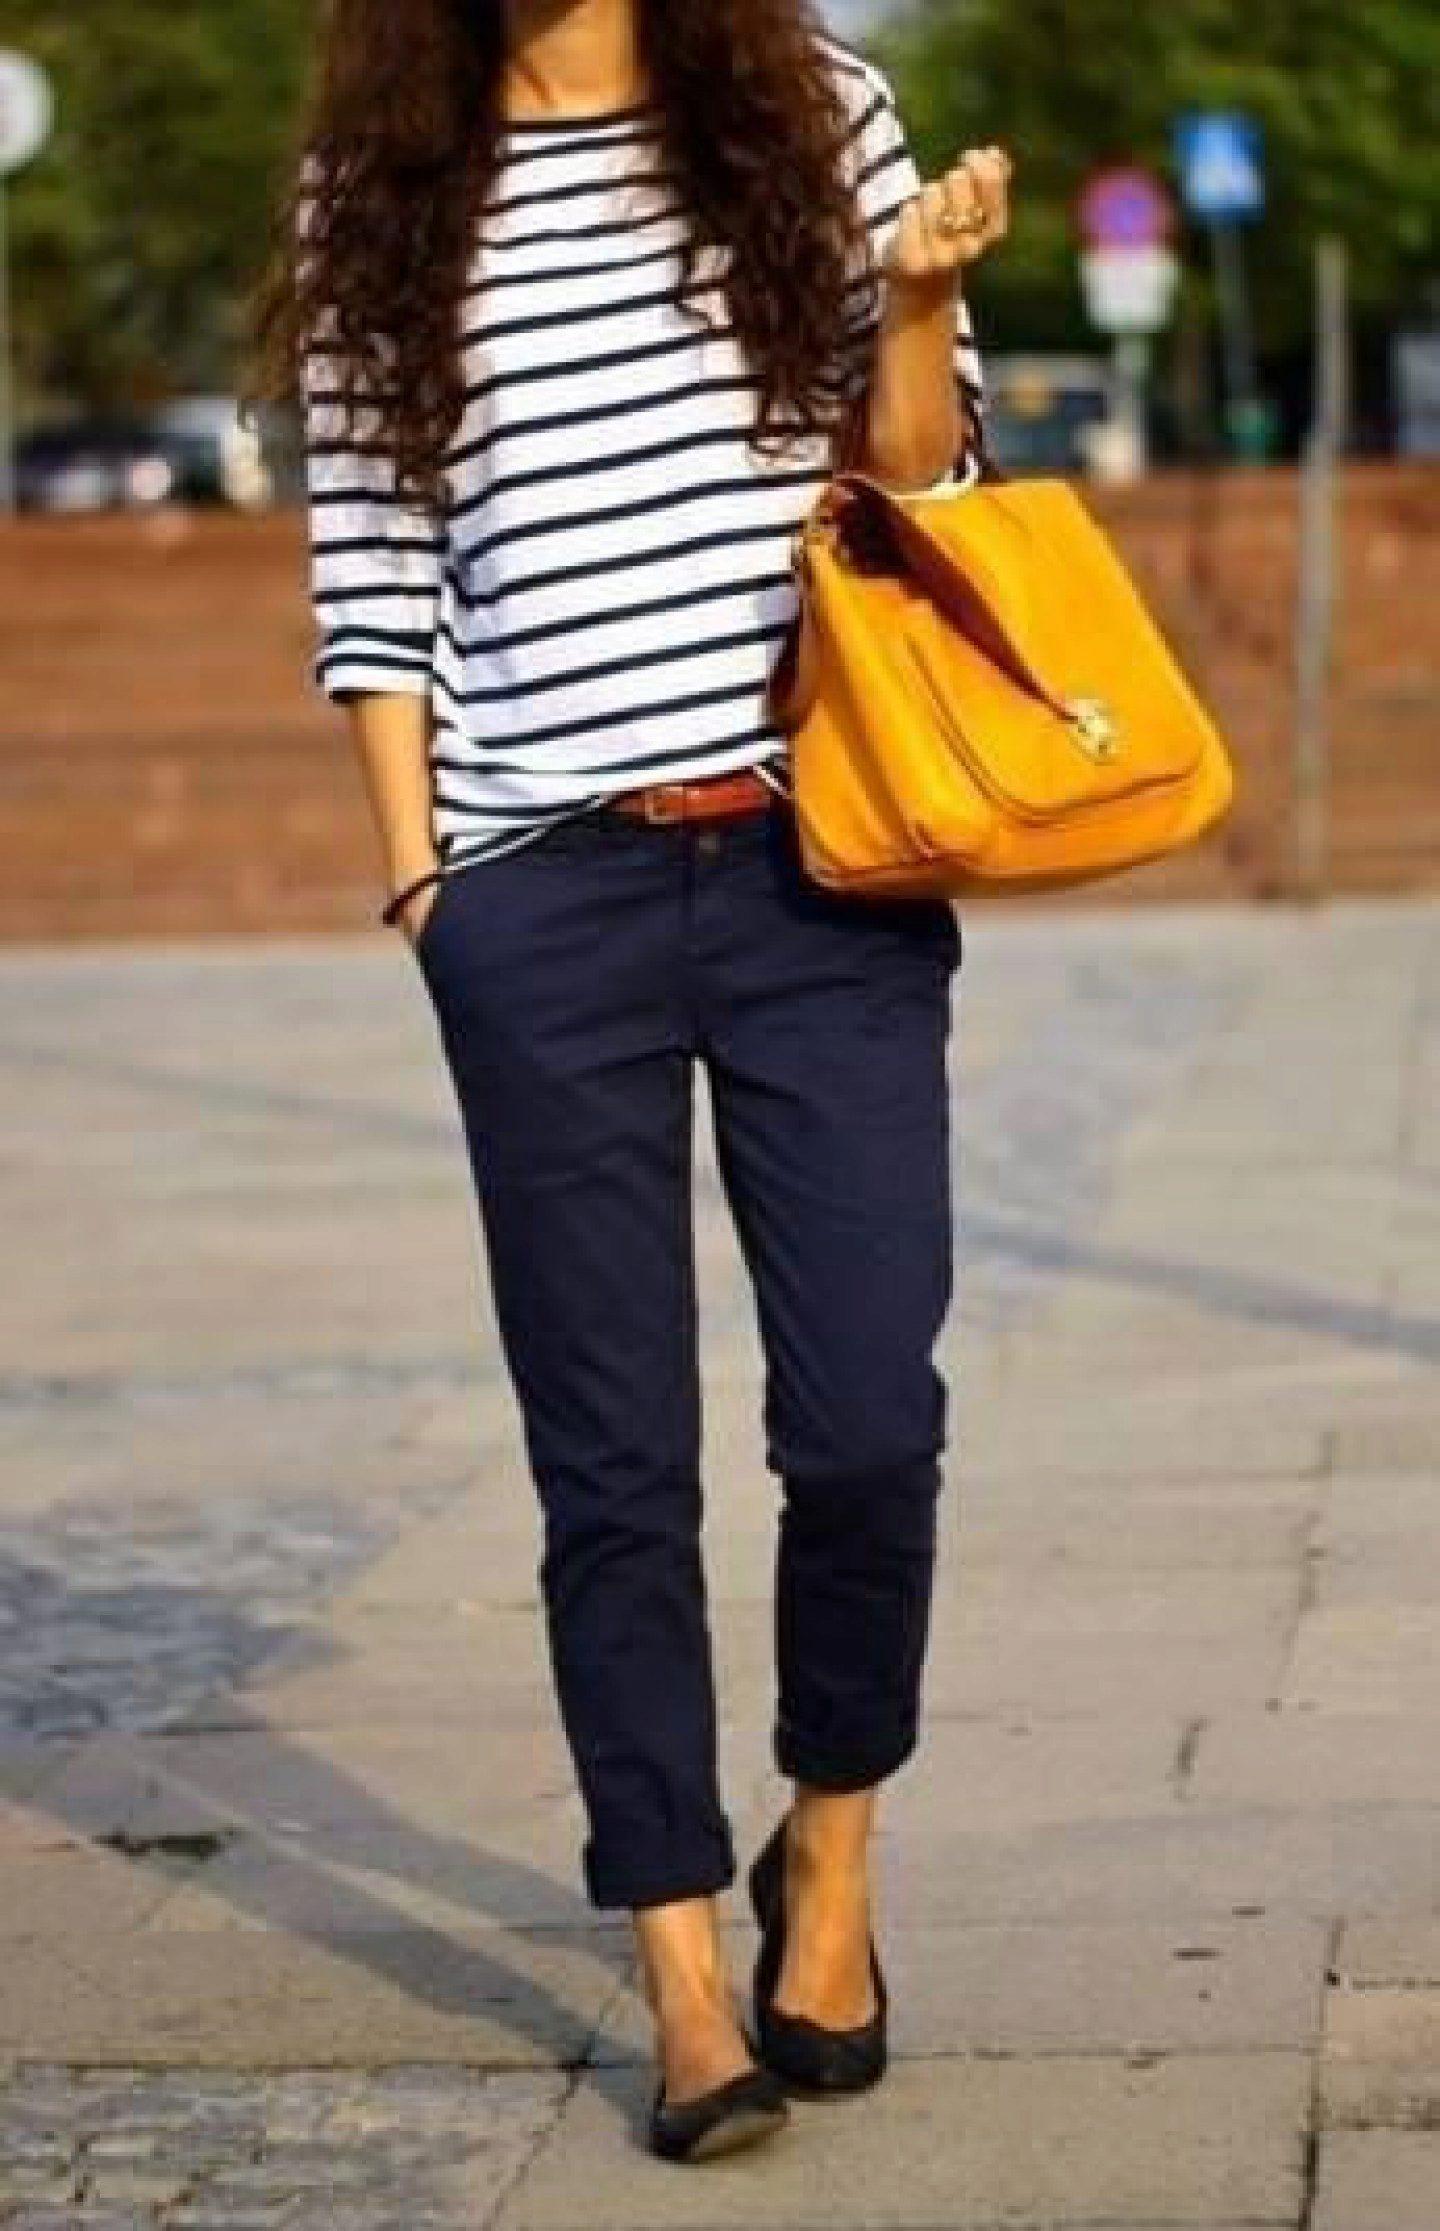 женские брюки бойфренды фото